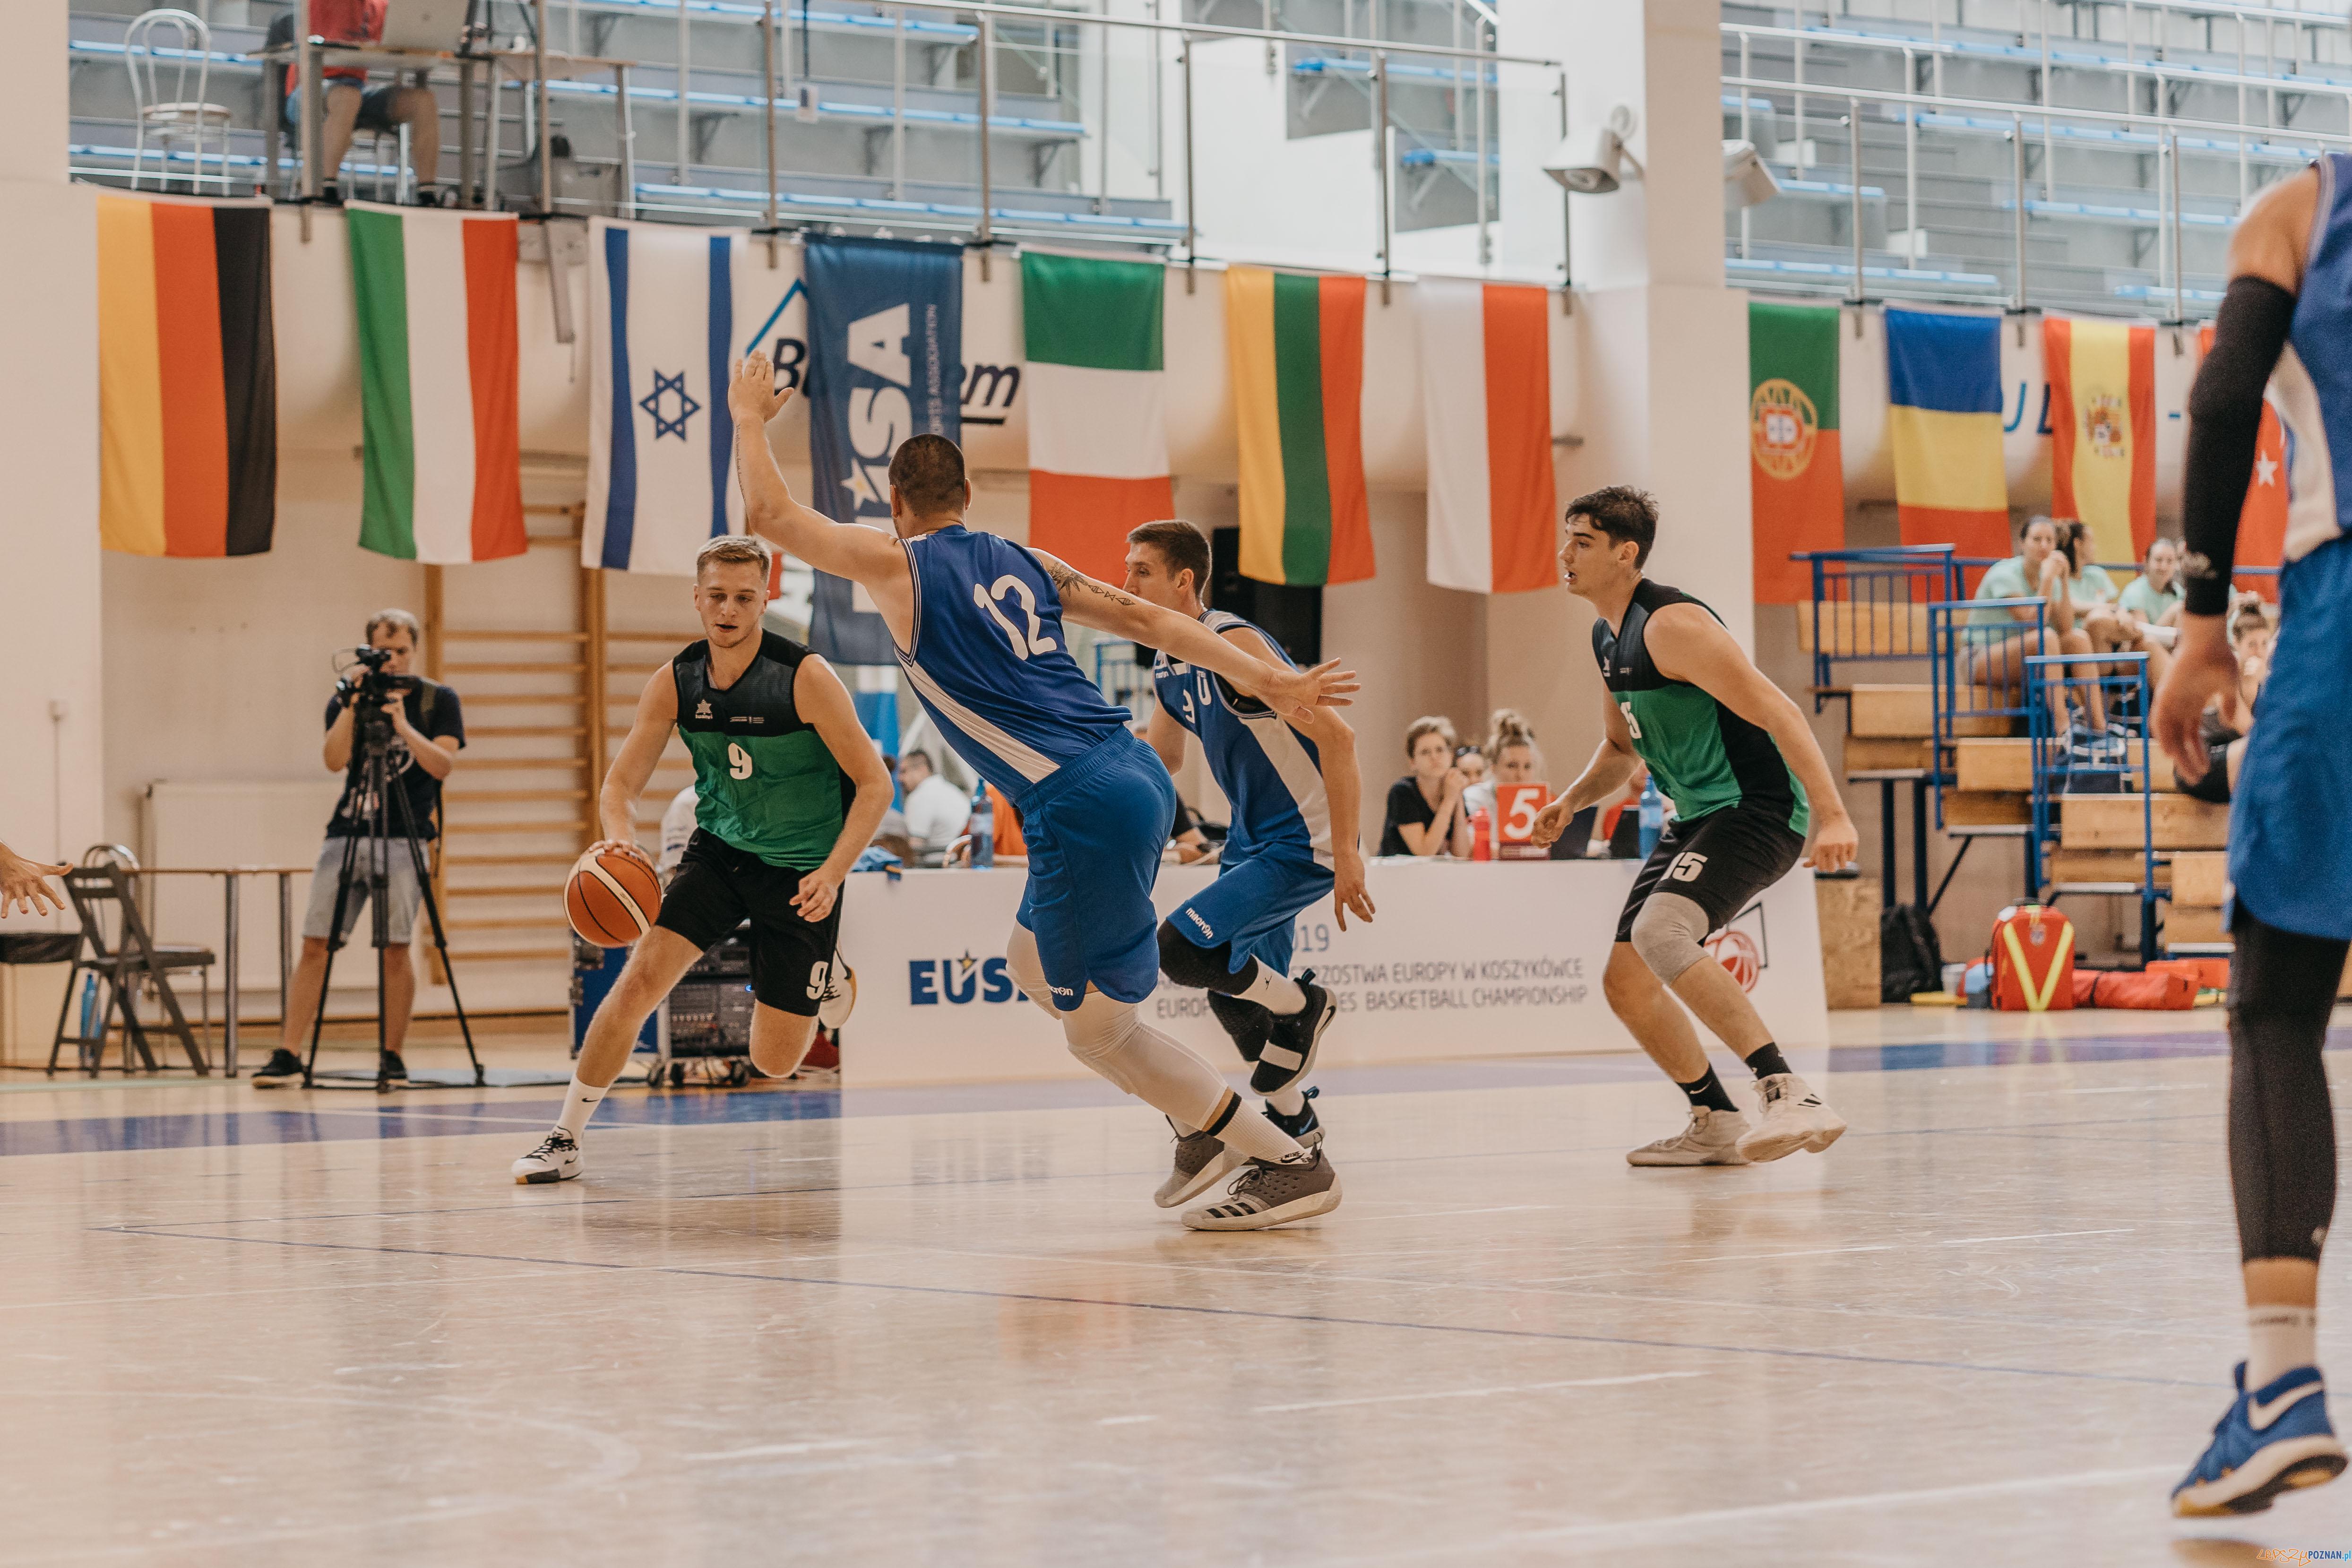 Akademickie Mistrzostwa Europy w koszykówce  Foto: materiały prasowe